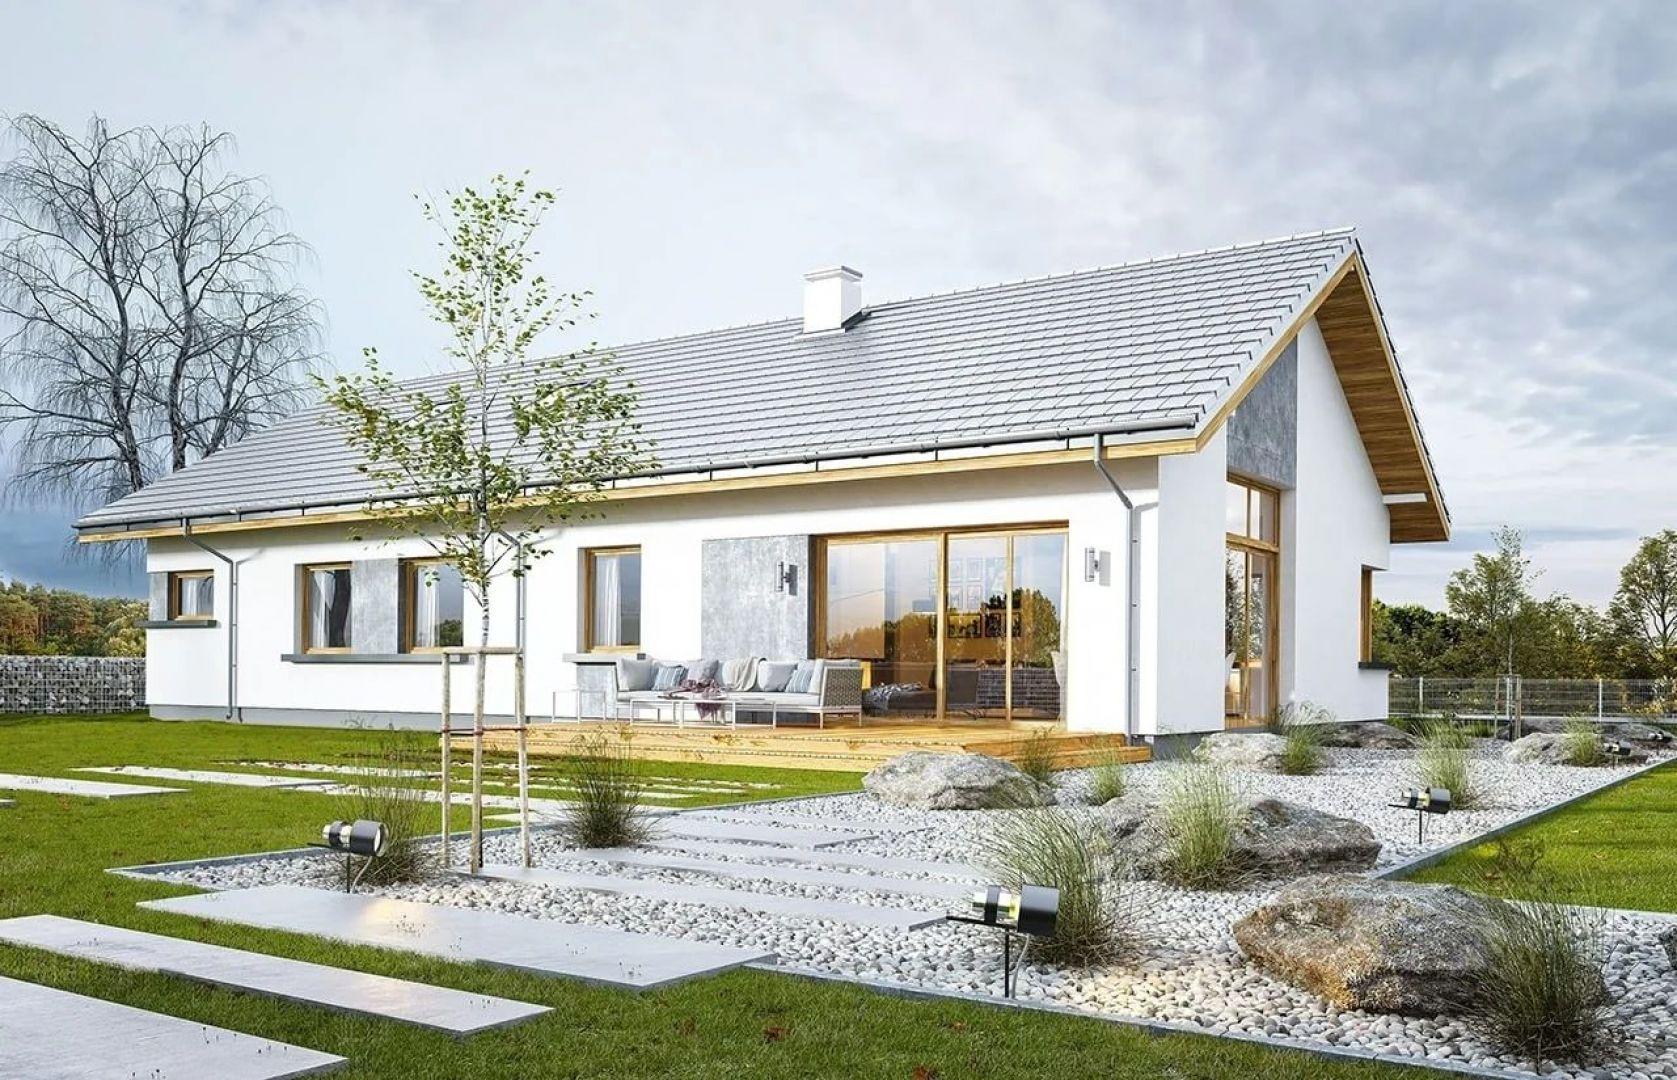 W szczycie i z tyłu domu salon zdobią duże przeszklenia otwierające wnętrze na otaczający ogród. Projekt: arch. Michał Gąsiorowski. Fot. MG Projekt